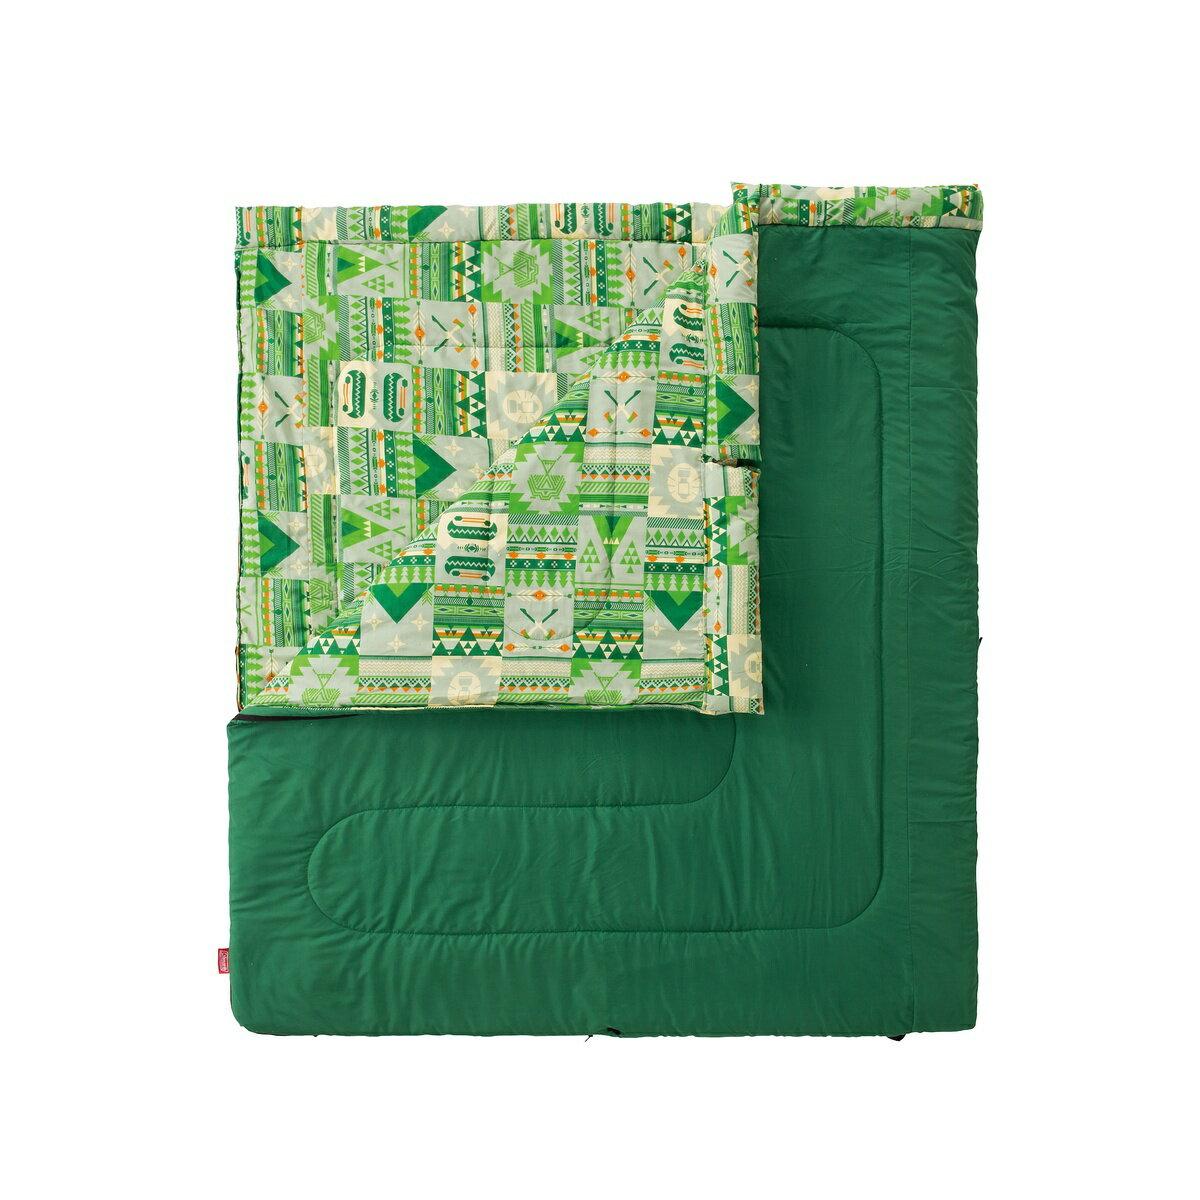 【送料無料】 COLEMAN (コールマン) キャンプ用品 スリーピングバッグ 寝袋 封筒型 ファミリー2IN1 /C10 2000027256